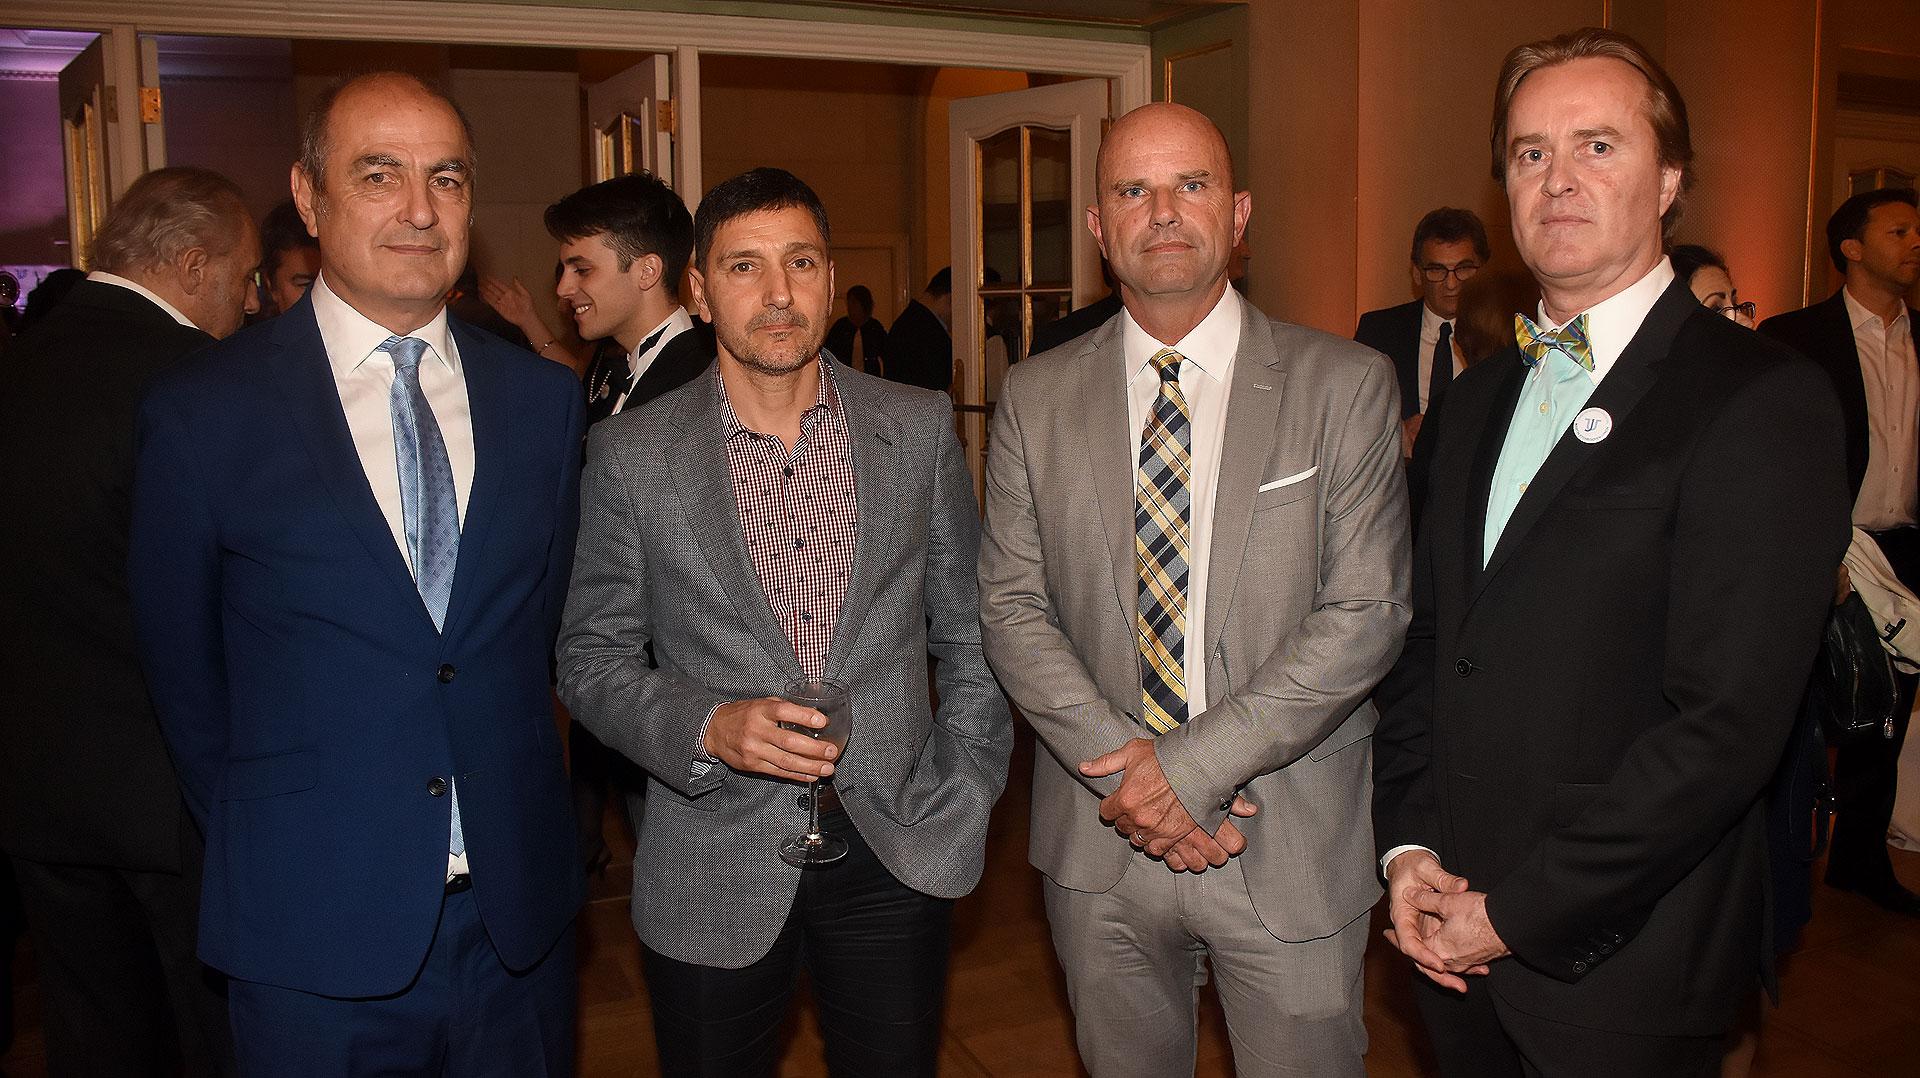 El fiscal de Casación Penal de la provincia de Buenos Aires, Jorge Roldán; los jueces Alejandro Villordo y Raul Dalto; y el ex fiscal en lo Criminal y abogado Martín Etchegoyen Lynch